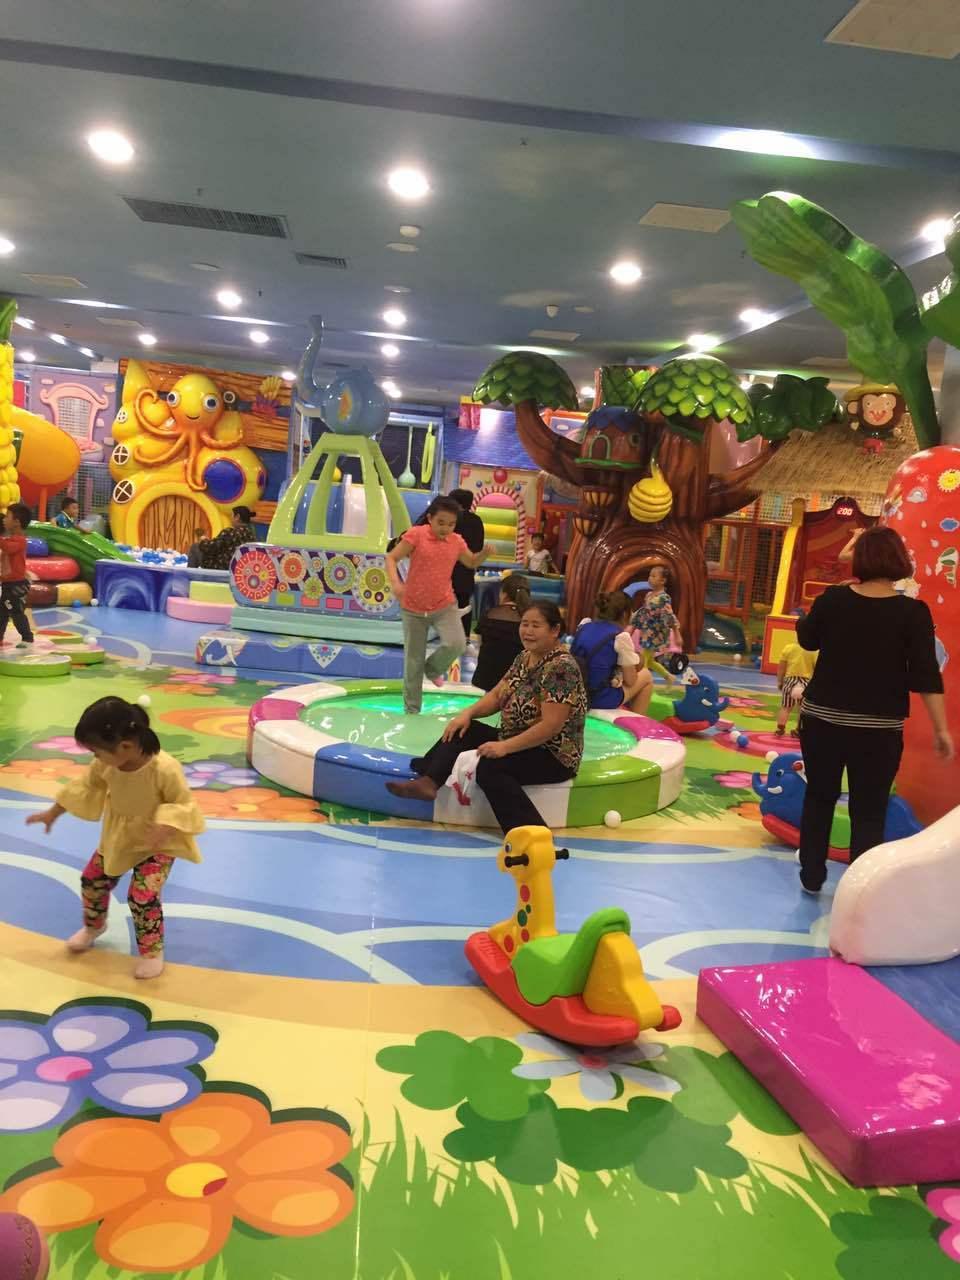 室内儿童游乐场价格_室内儿童游乐场加盟要多少钱呢? - 知乎